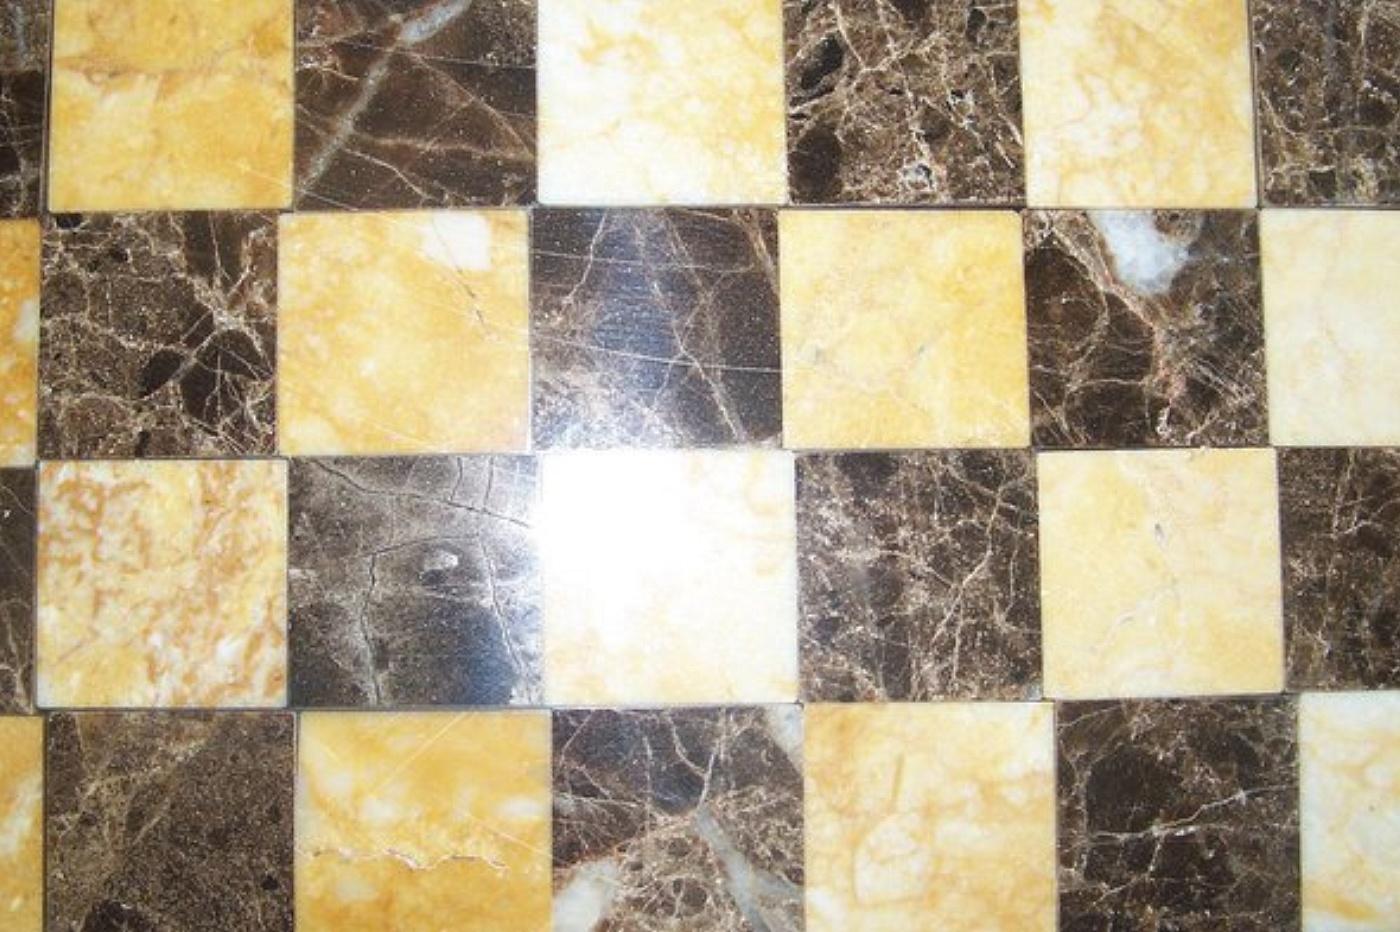 pavimenti in marmo pavimentazione : ... - Pavimentazione a scacchiera in marmo >> TrovaPavimenti.it